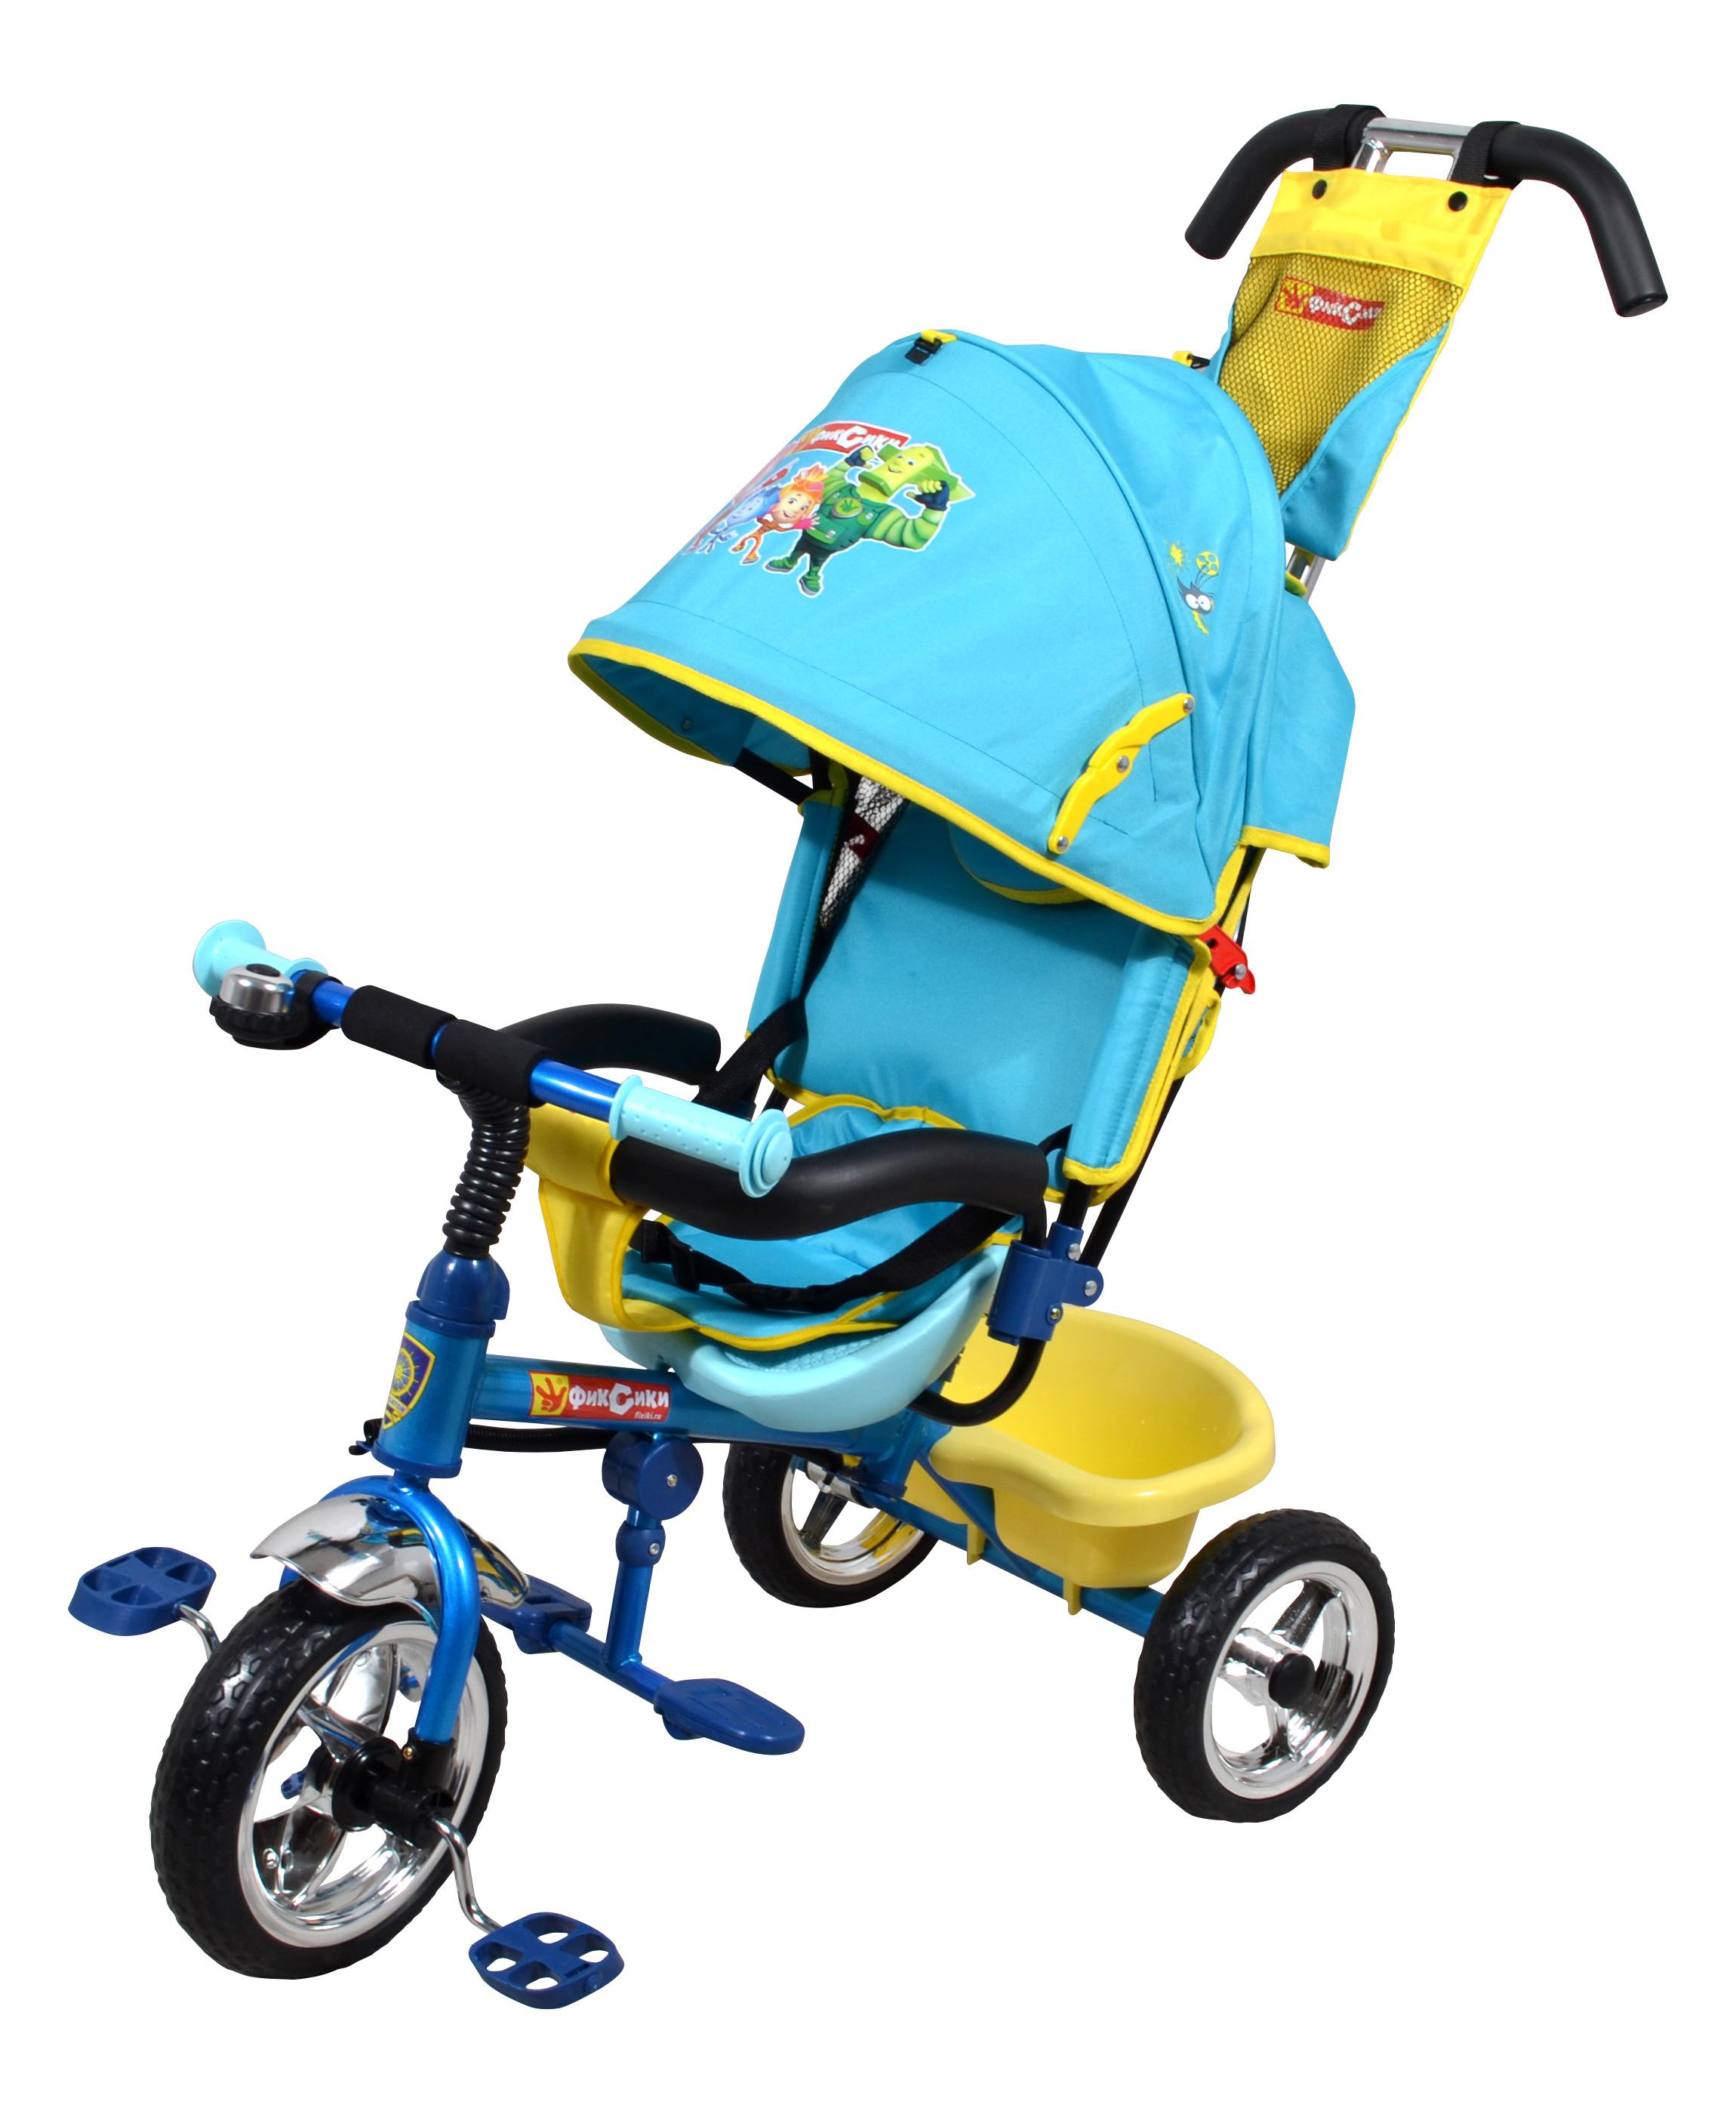 """Популярная модель детского трехколесного велосипеда с ярким дизайном и популярной лицензией """"Фиксики"""". Велосипед снабжен ручкой управления для родителей."""